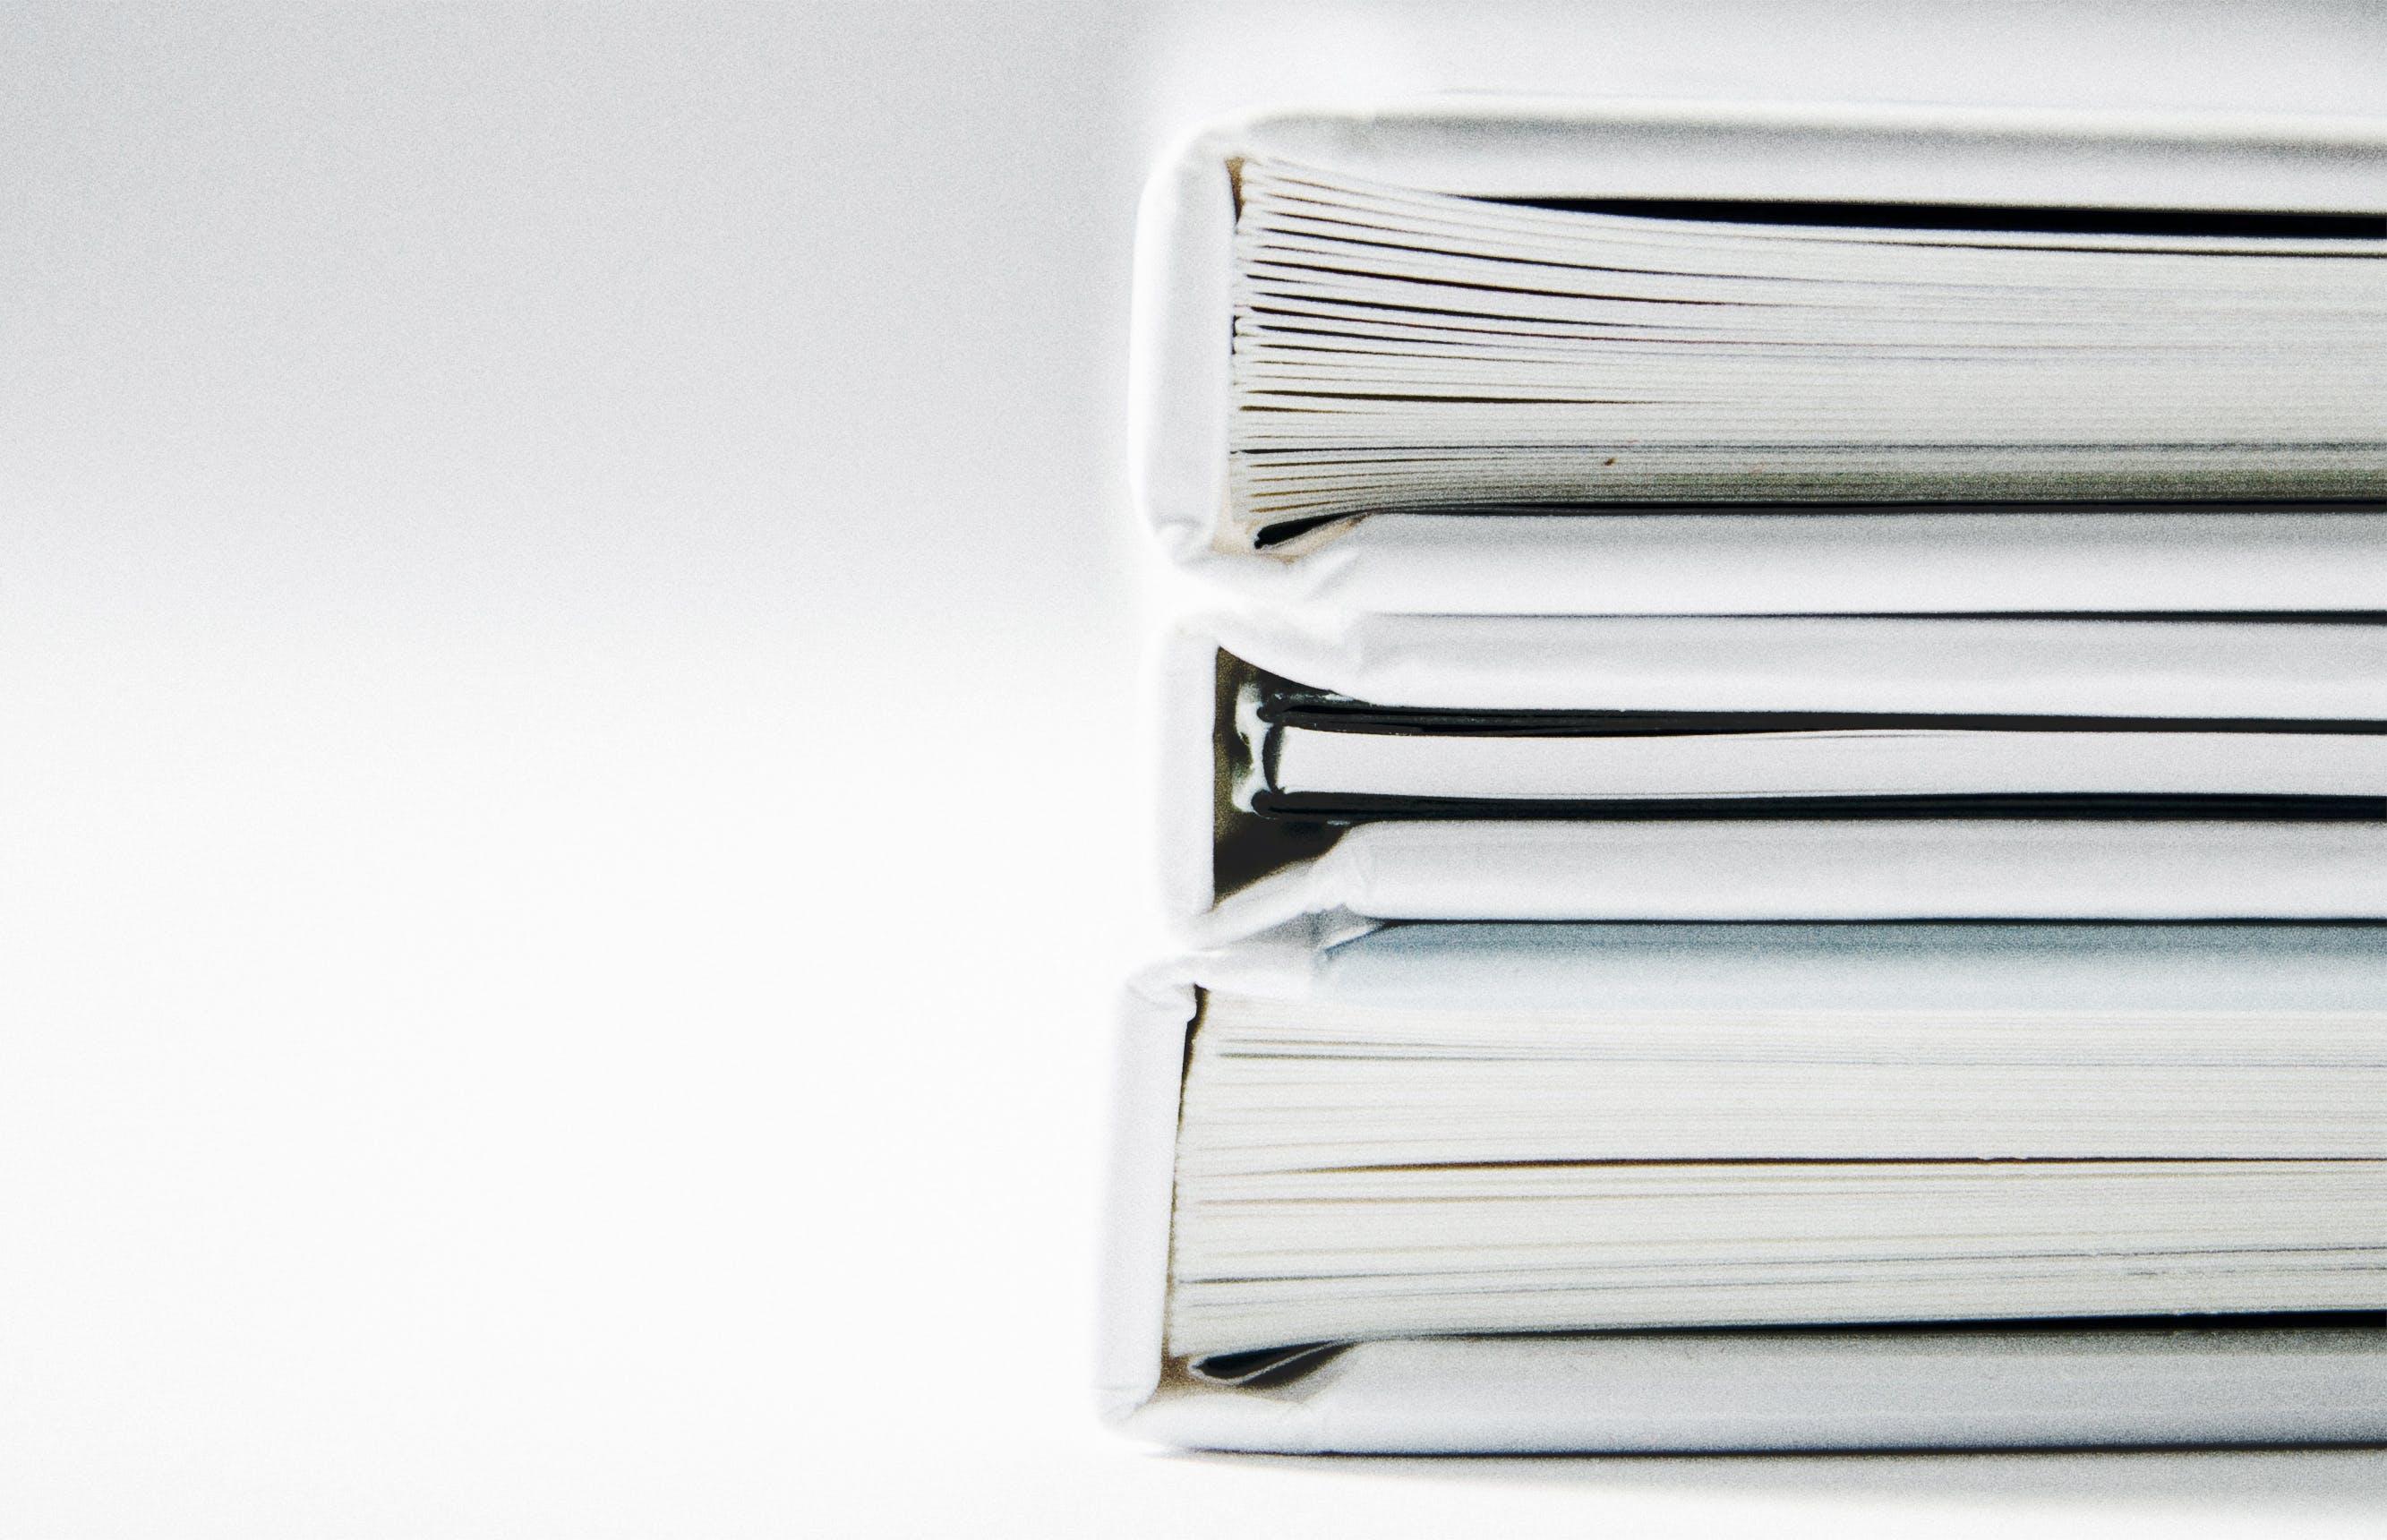 Deadline alert voor ondernemingen en ondernemers: de klantenlisting